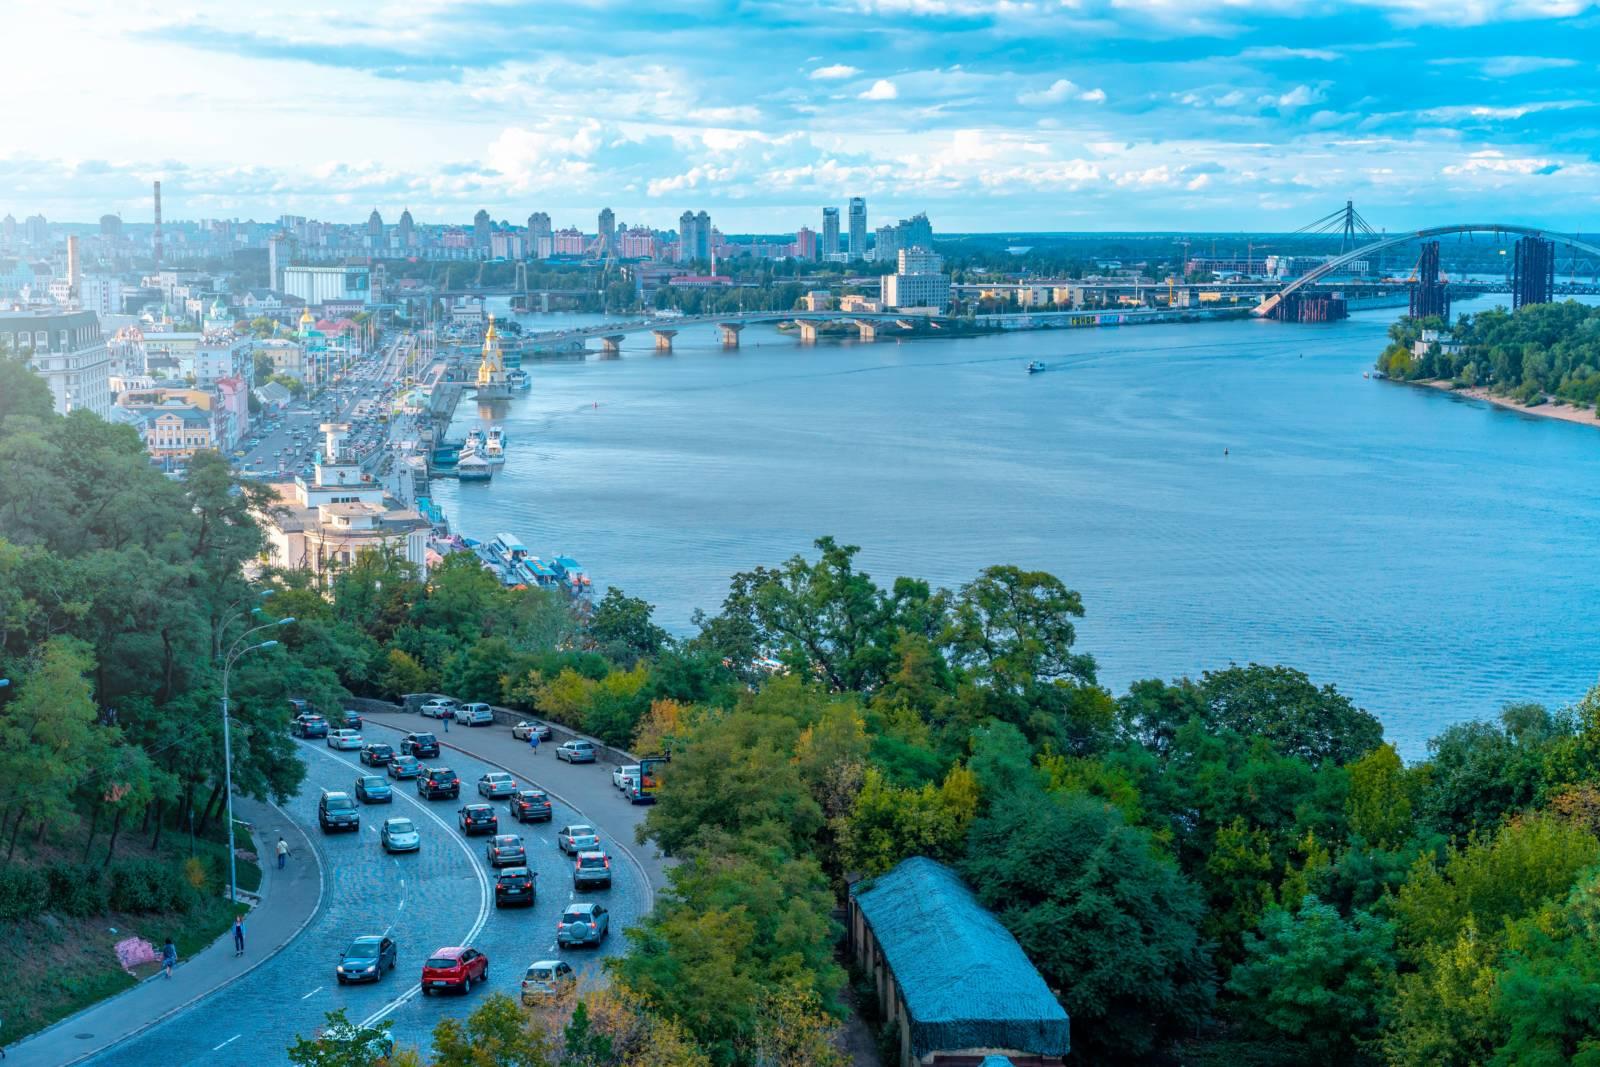 Wie blicken die Polen auf den Osten? – Mäander der polnischen Ostpolitik